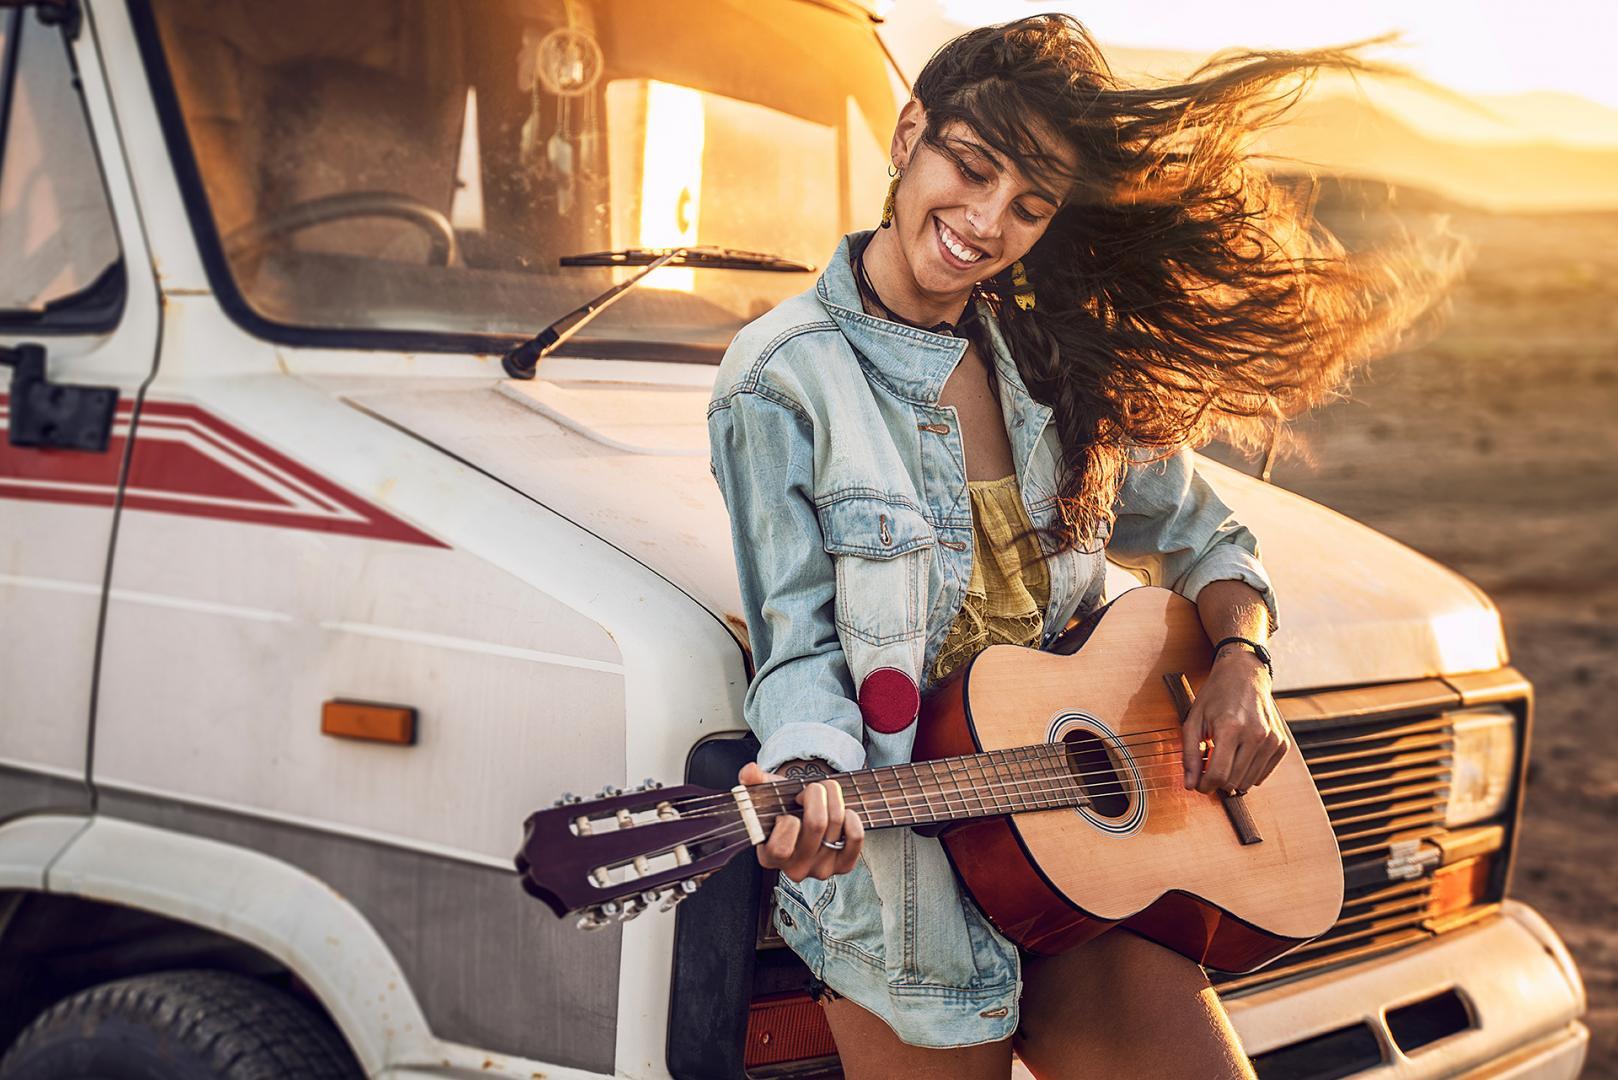 Der Band-Bus: Kleiner Luxus auf dem Weg zum Erfolg